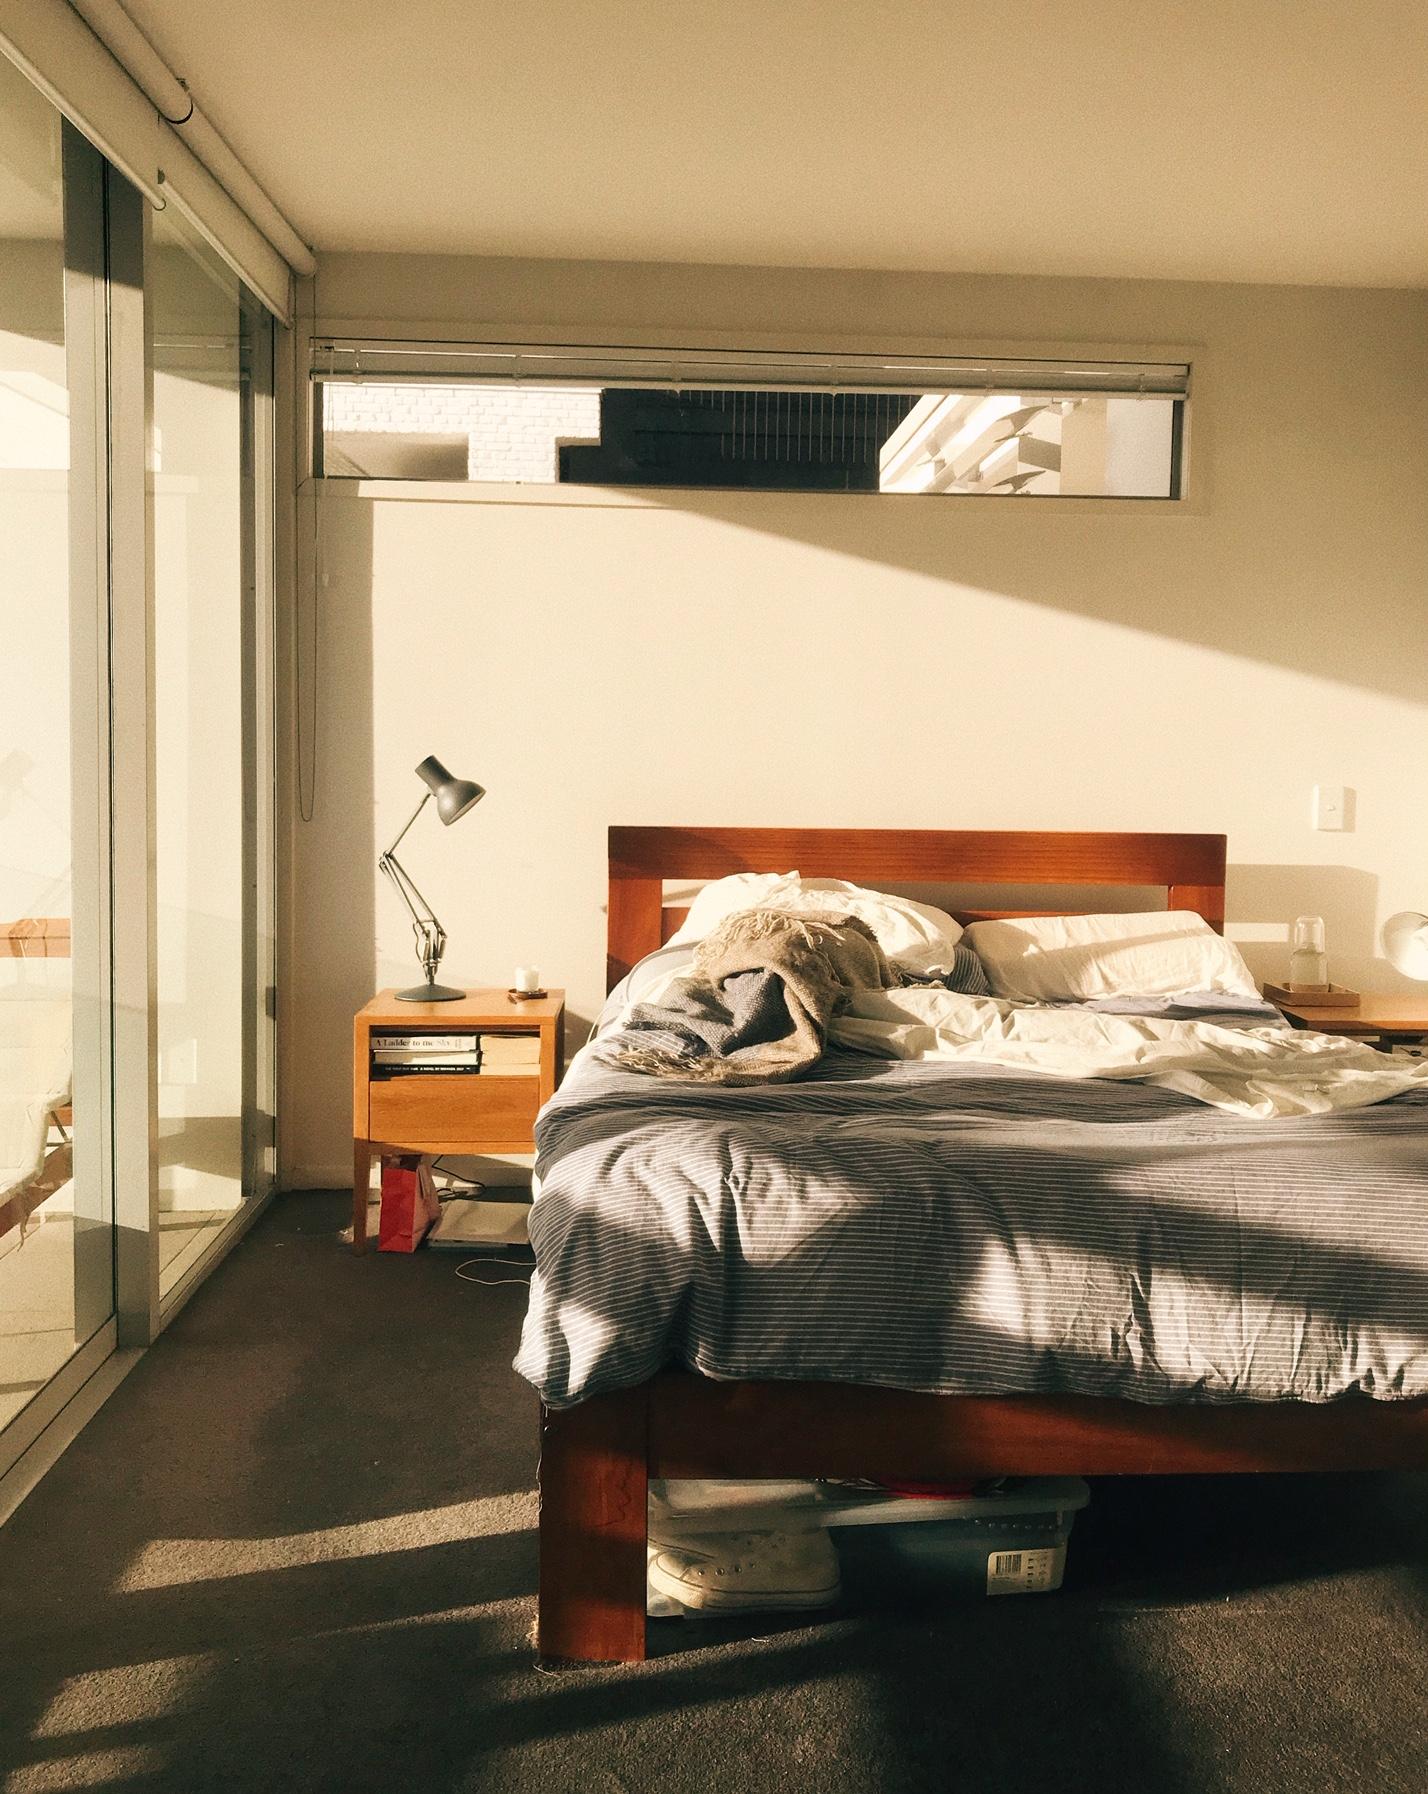 My bedroom in summer.